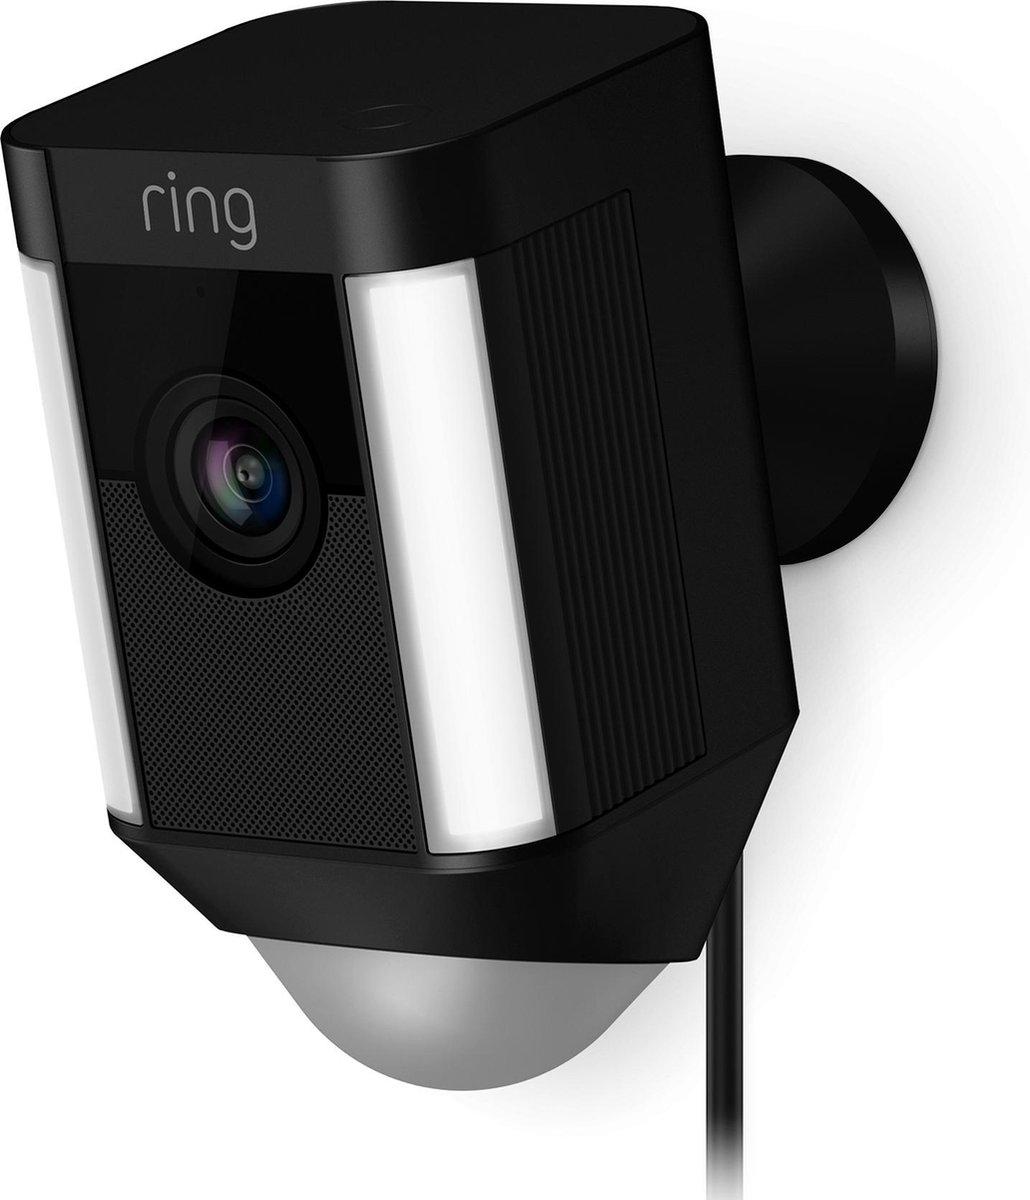 Ring Spotlight Cam Plug-in - Beveiligingscamera - Bedraad - Zwart